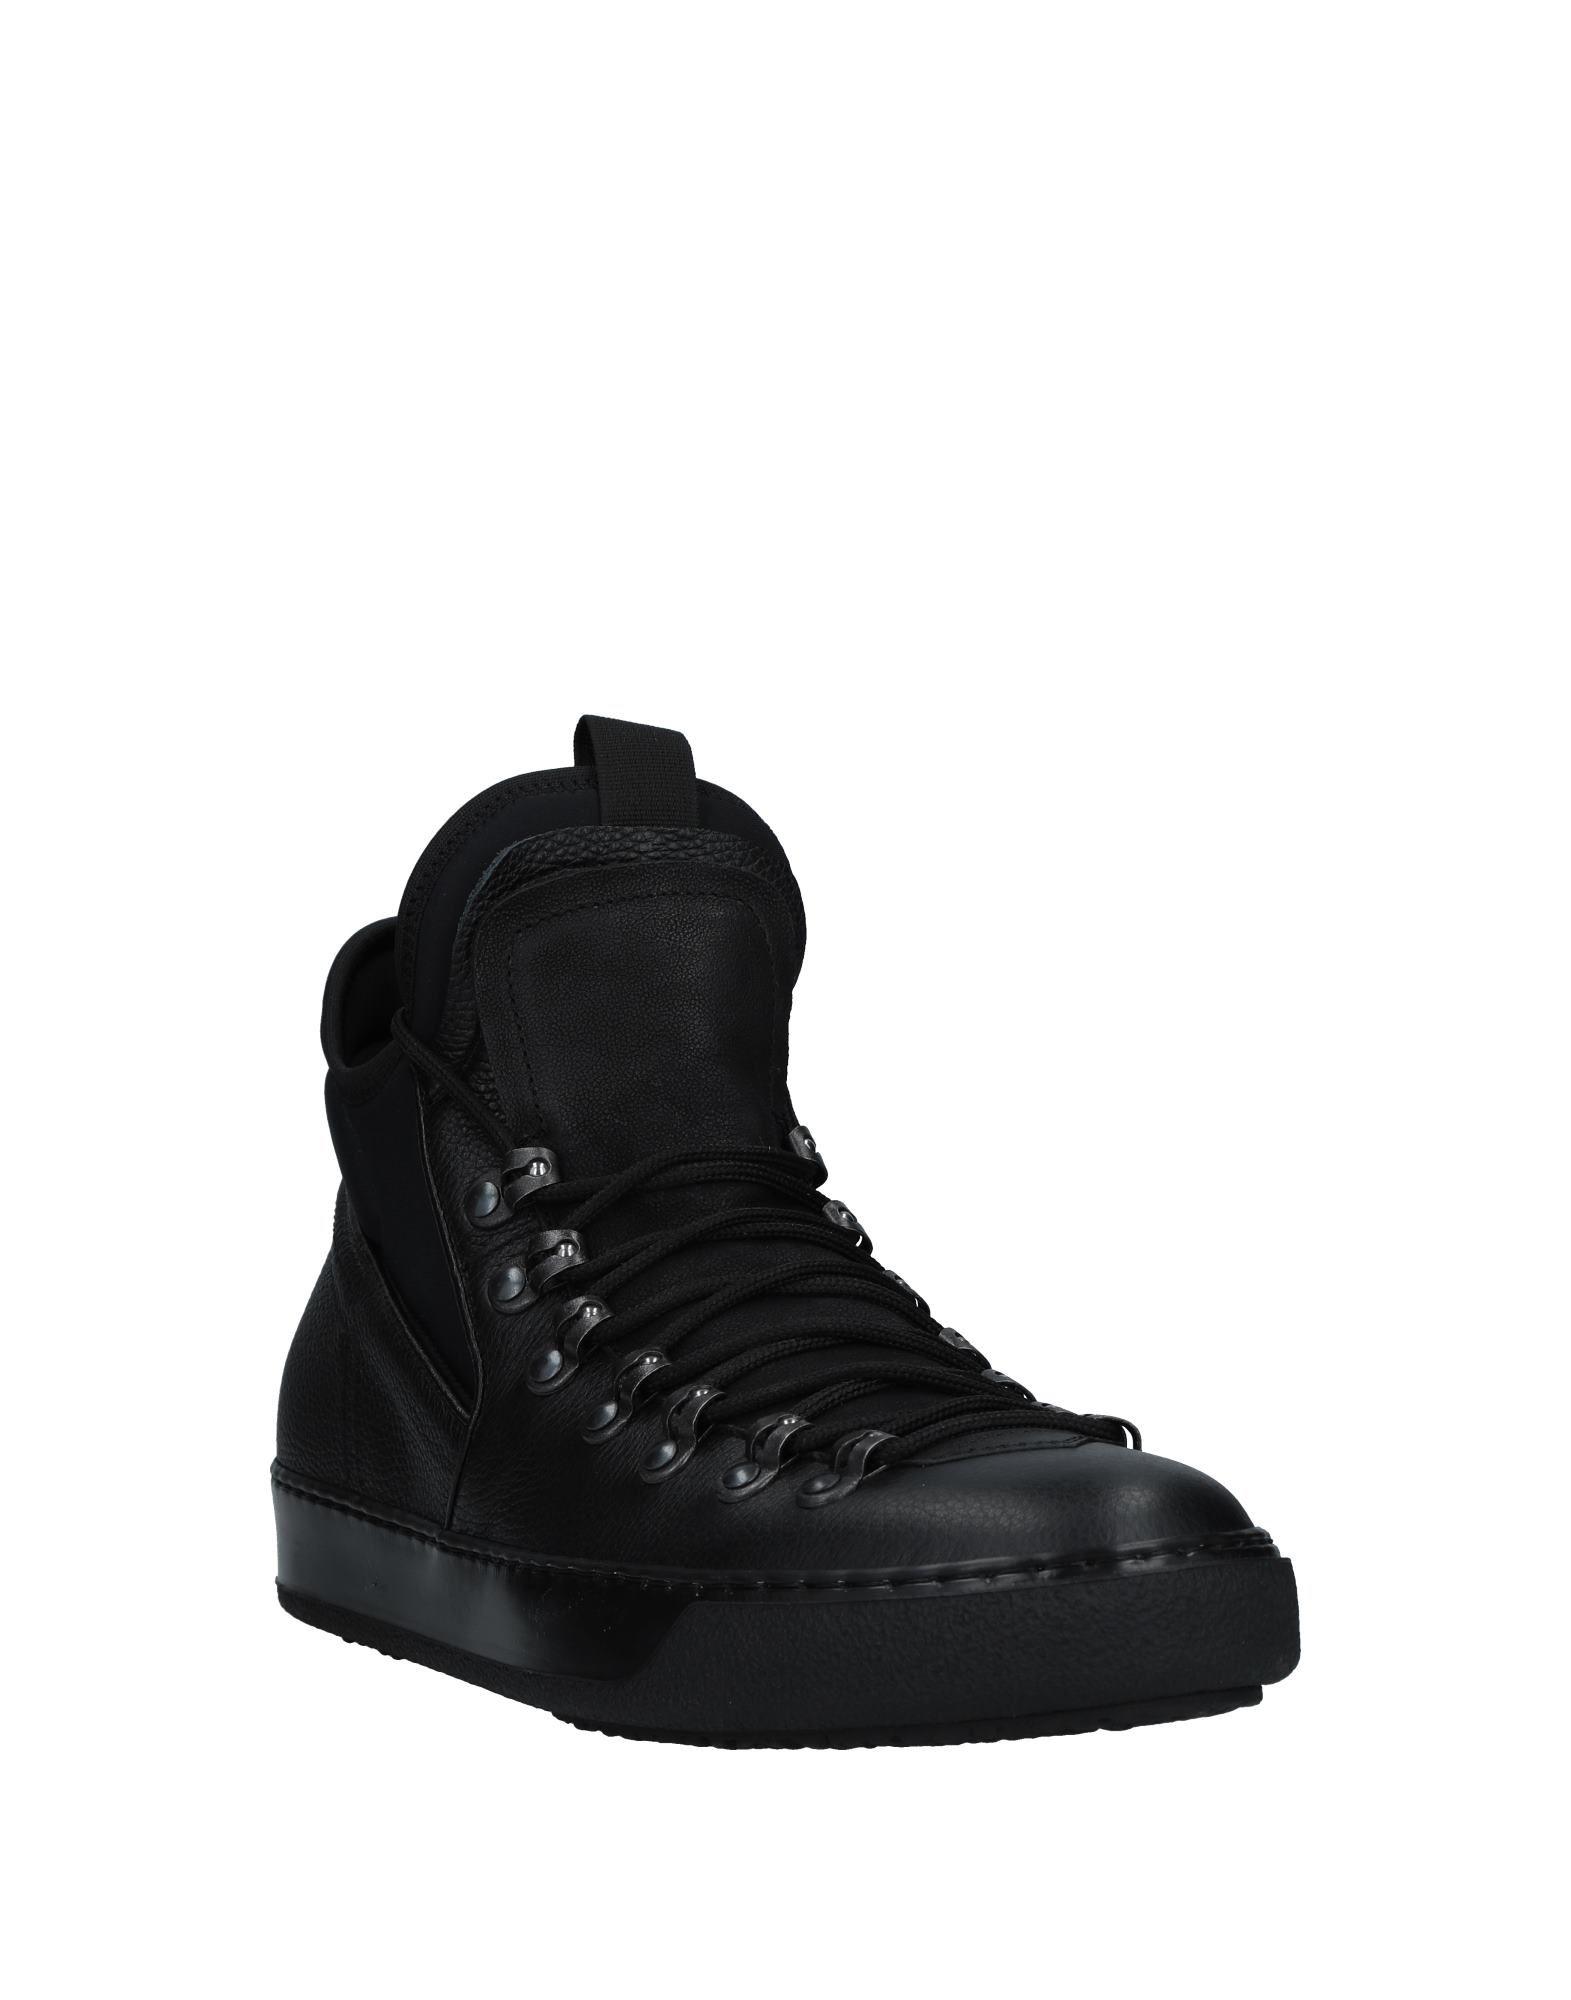 Bruno Bordese Sneakers Herren  11528584NP Gute Qualität beliebte Schuhe